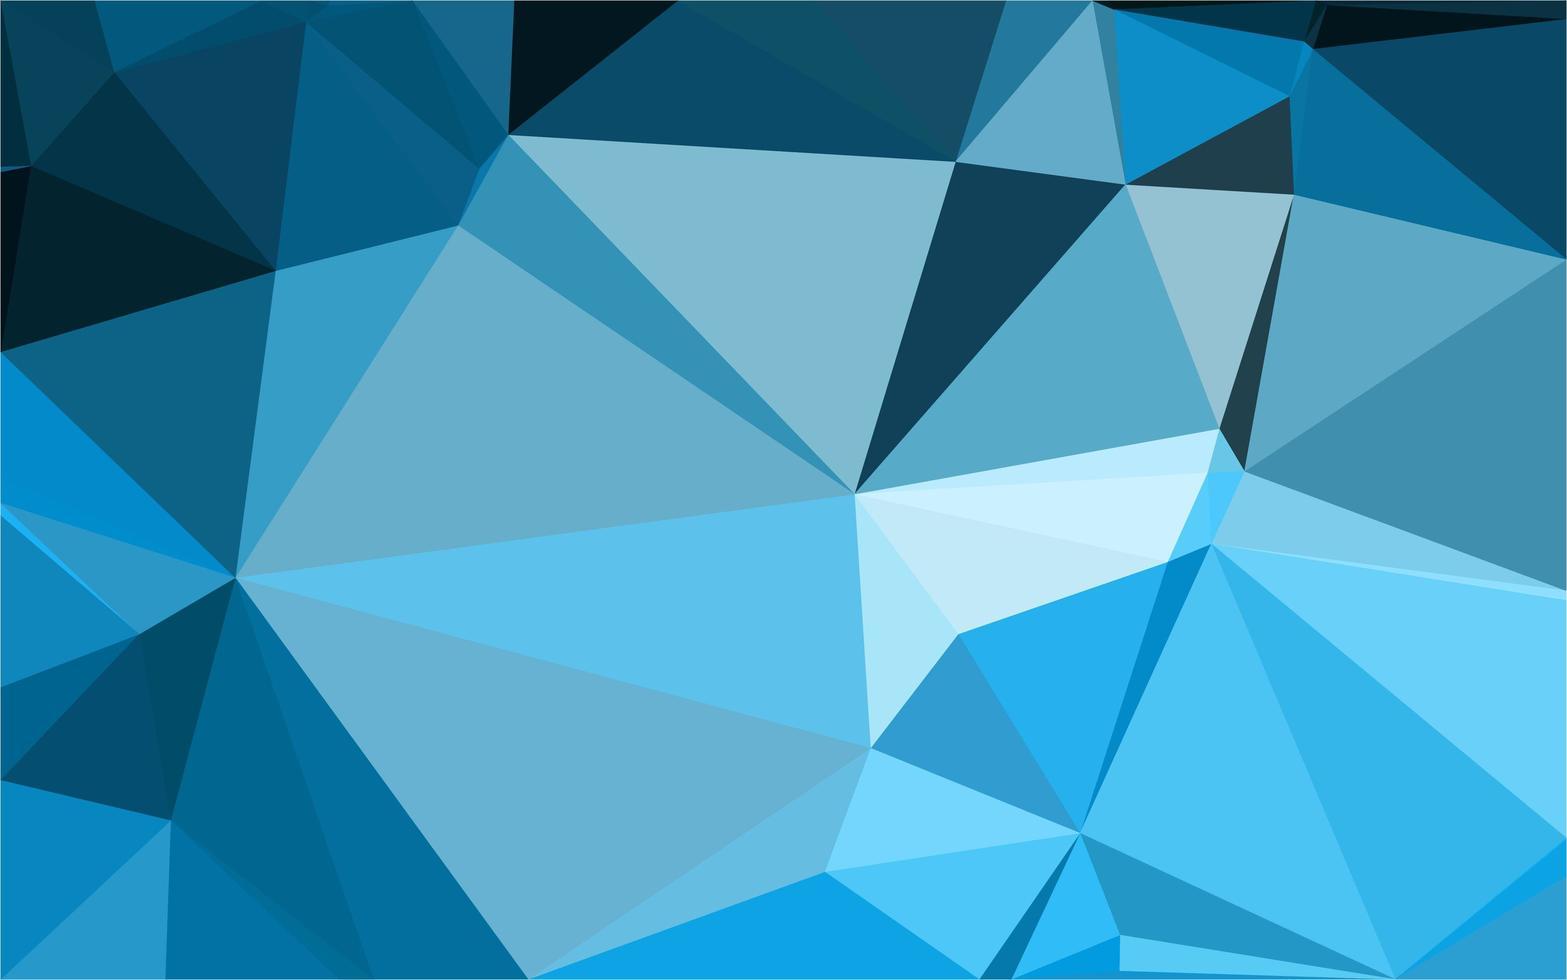 padrão de triângulo azul claro vetor